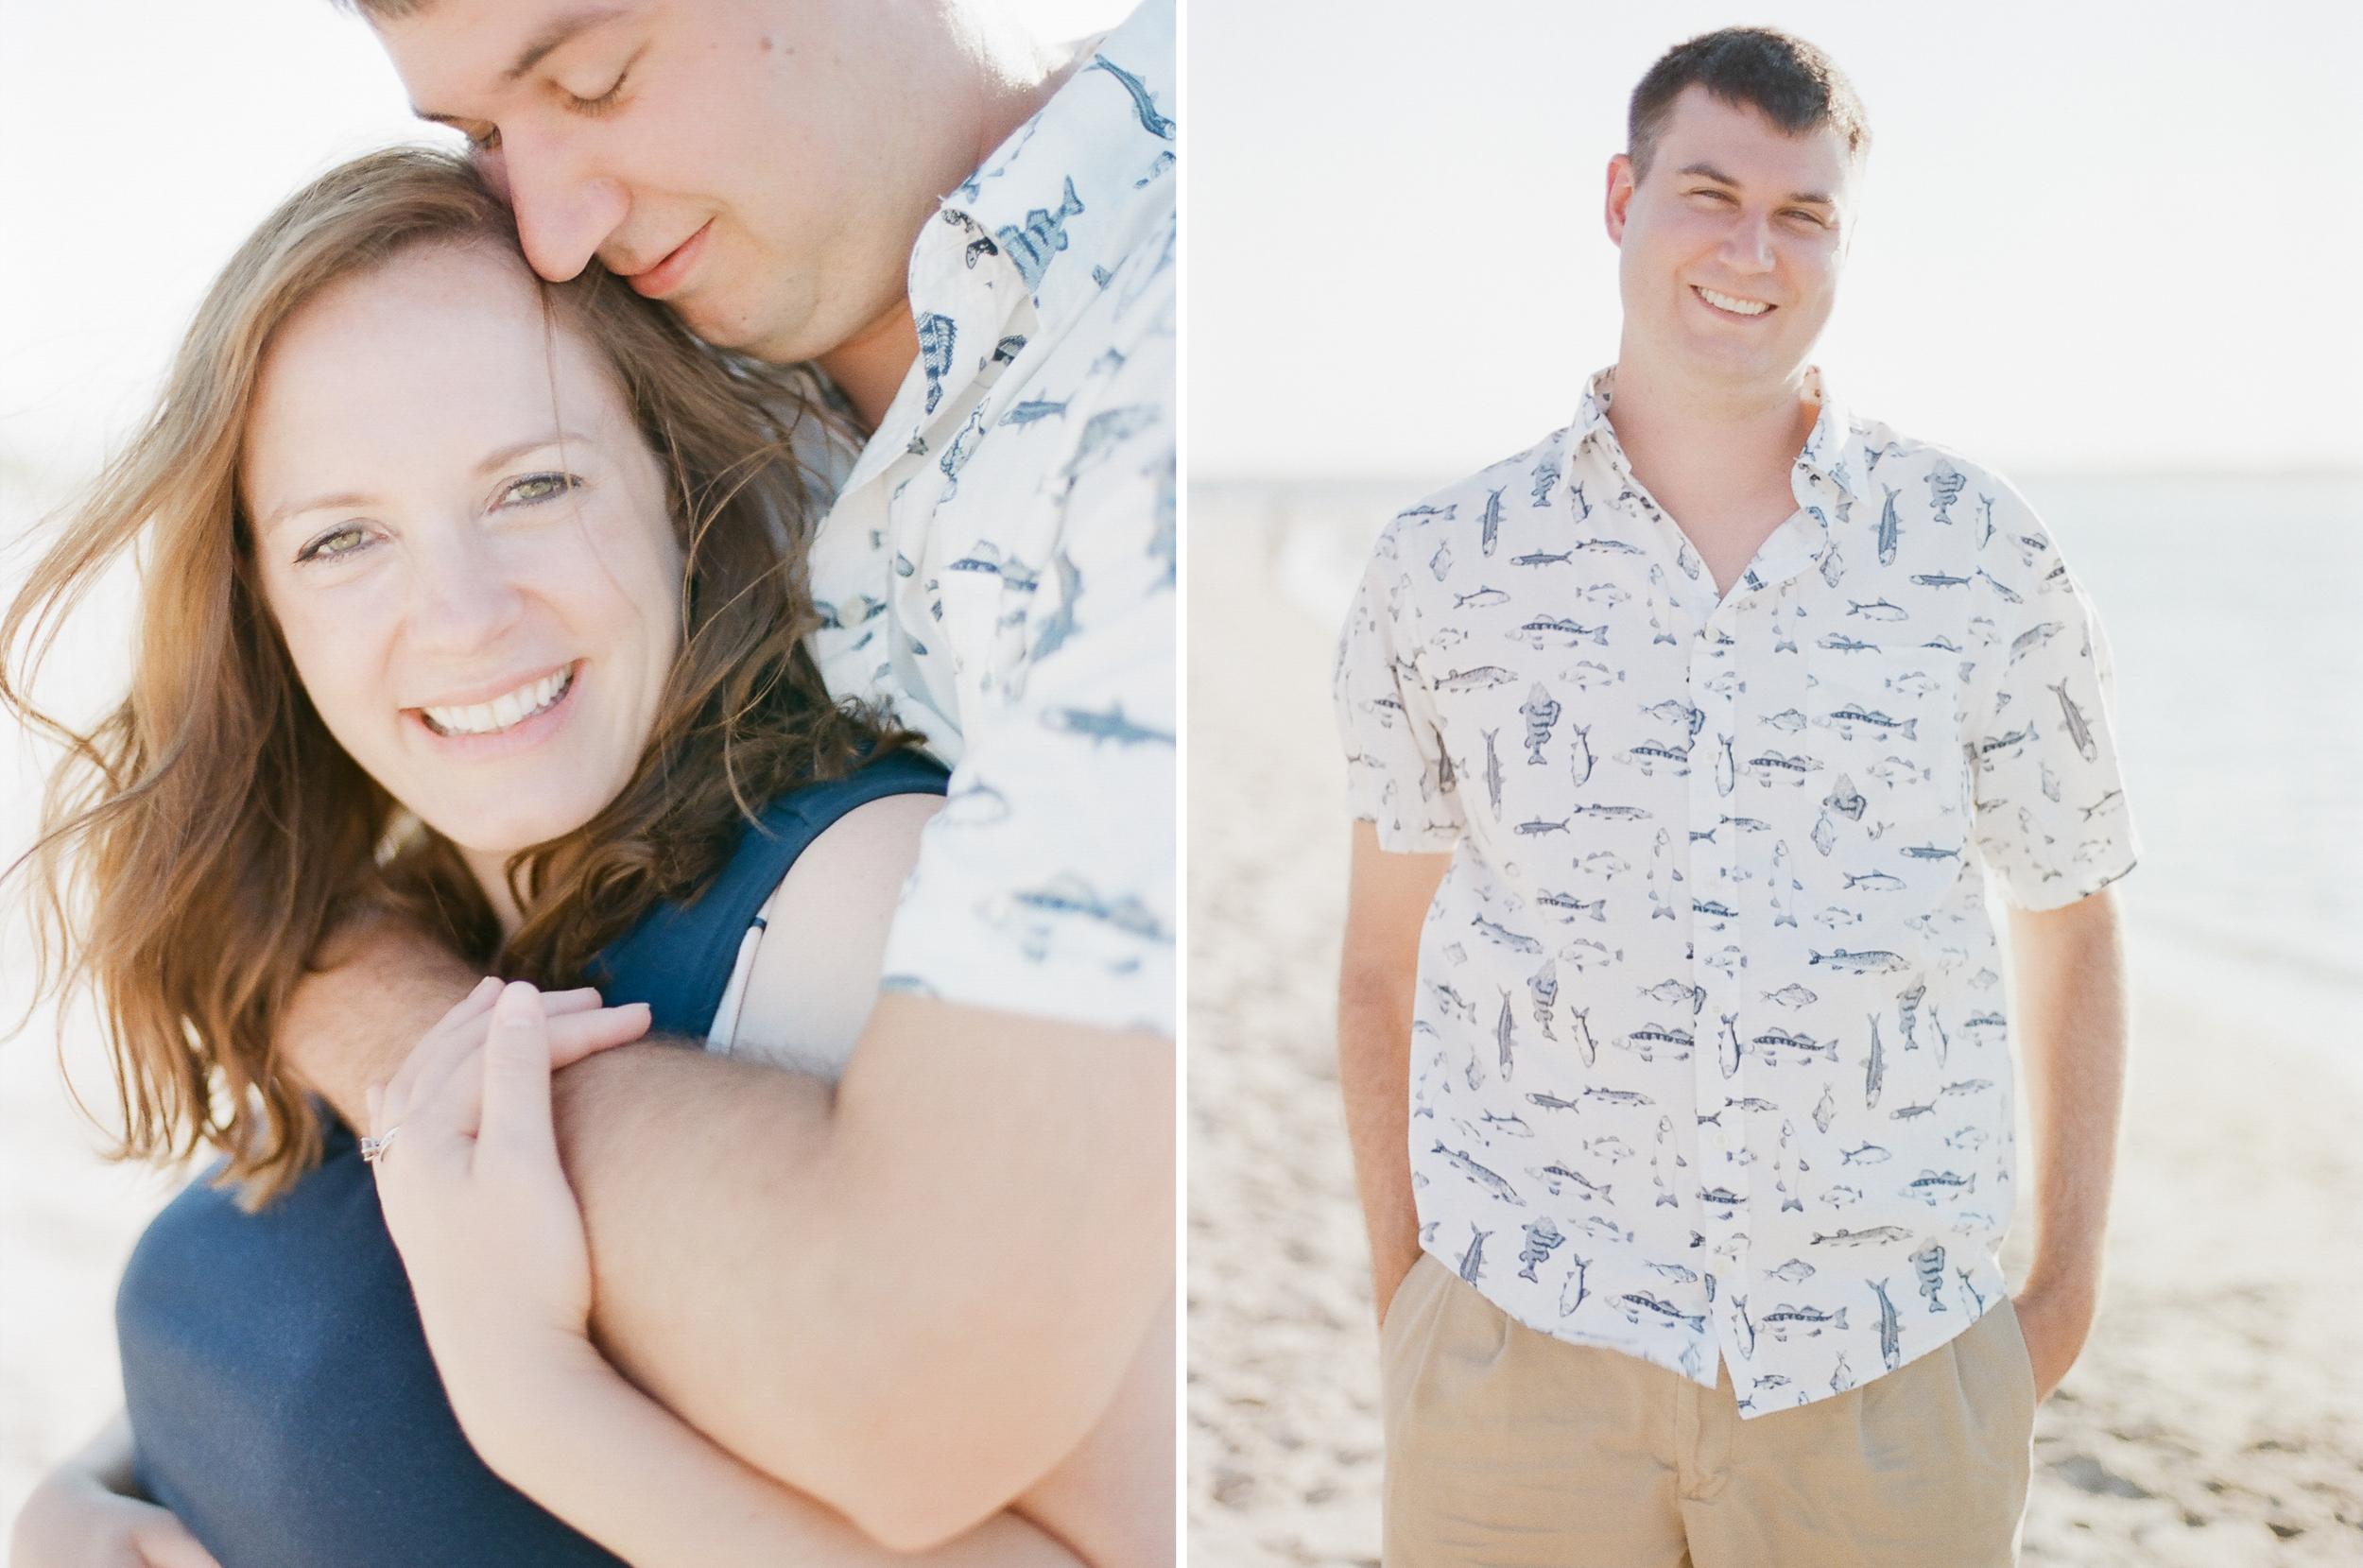 Portraits on the beach